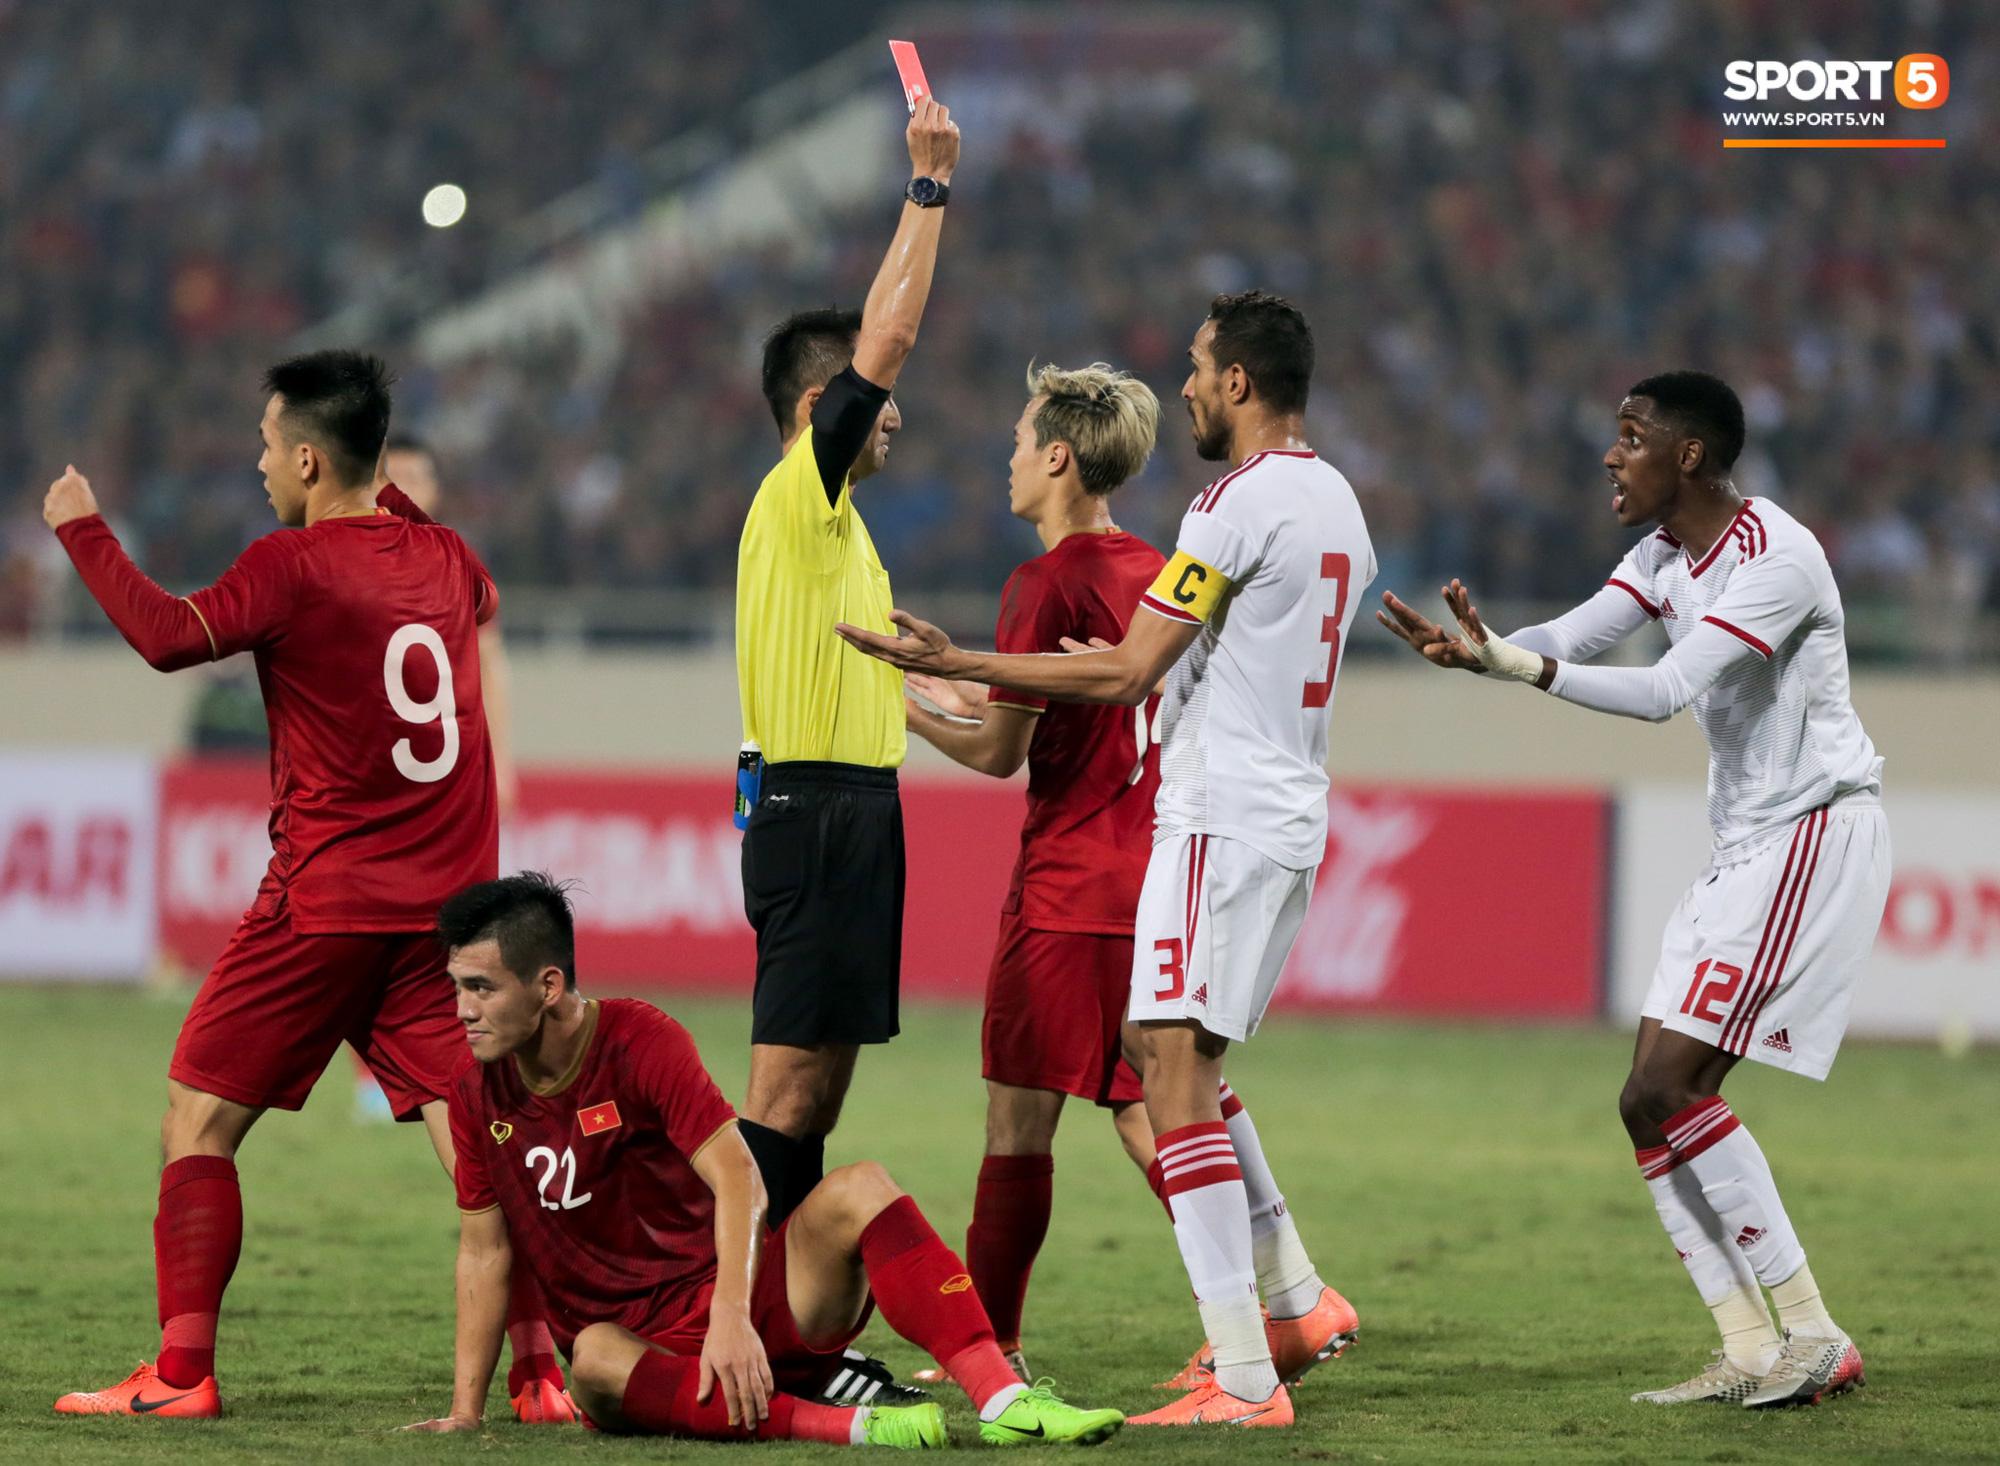 Hy hữu: HLV đối thủ của tuyển Việt Nam có thể nhận lương cao mà không phải dẫn dắt trận nào vì Covid-19 - Ảnh 2.